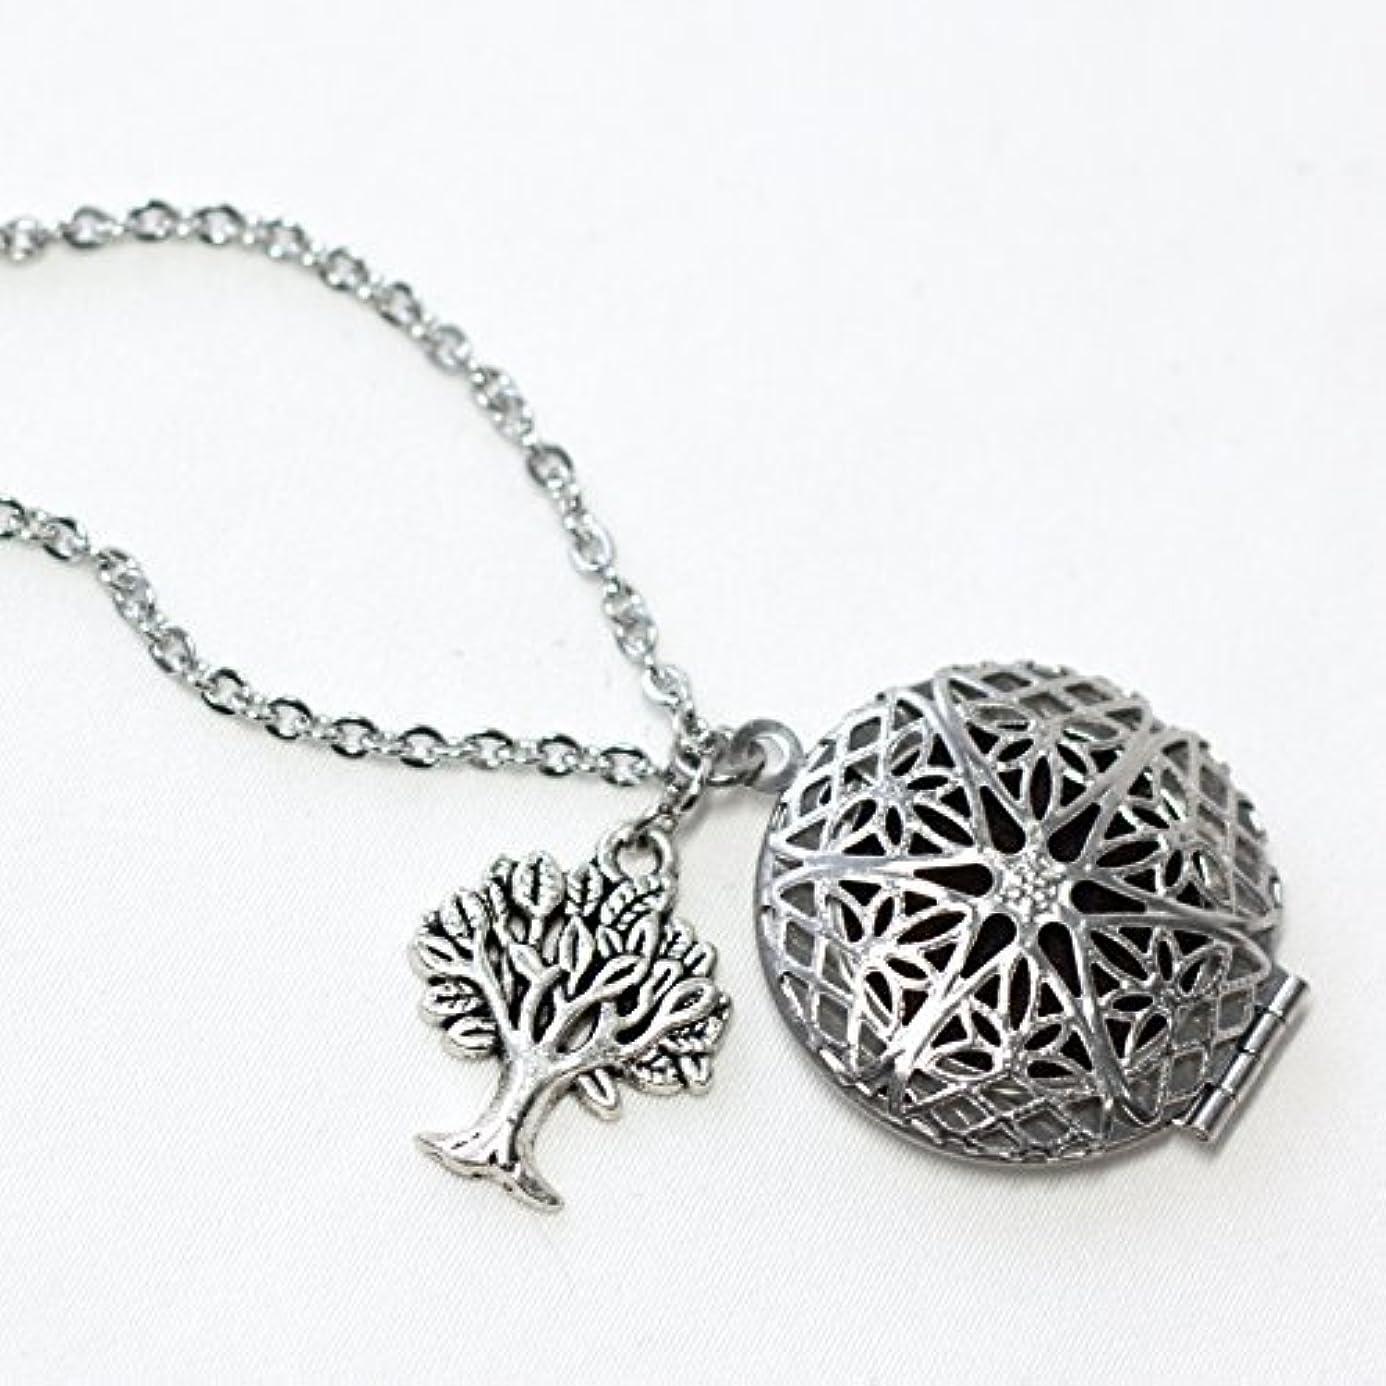 苦行テクニカル扱うTree Diffuser Necklace for Essential Oils 18 inches with felt pads [並行輸入品]